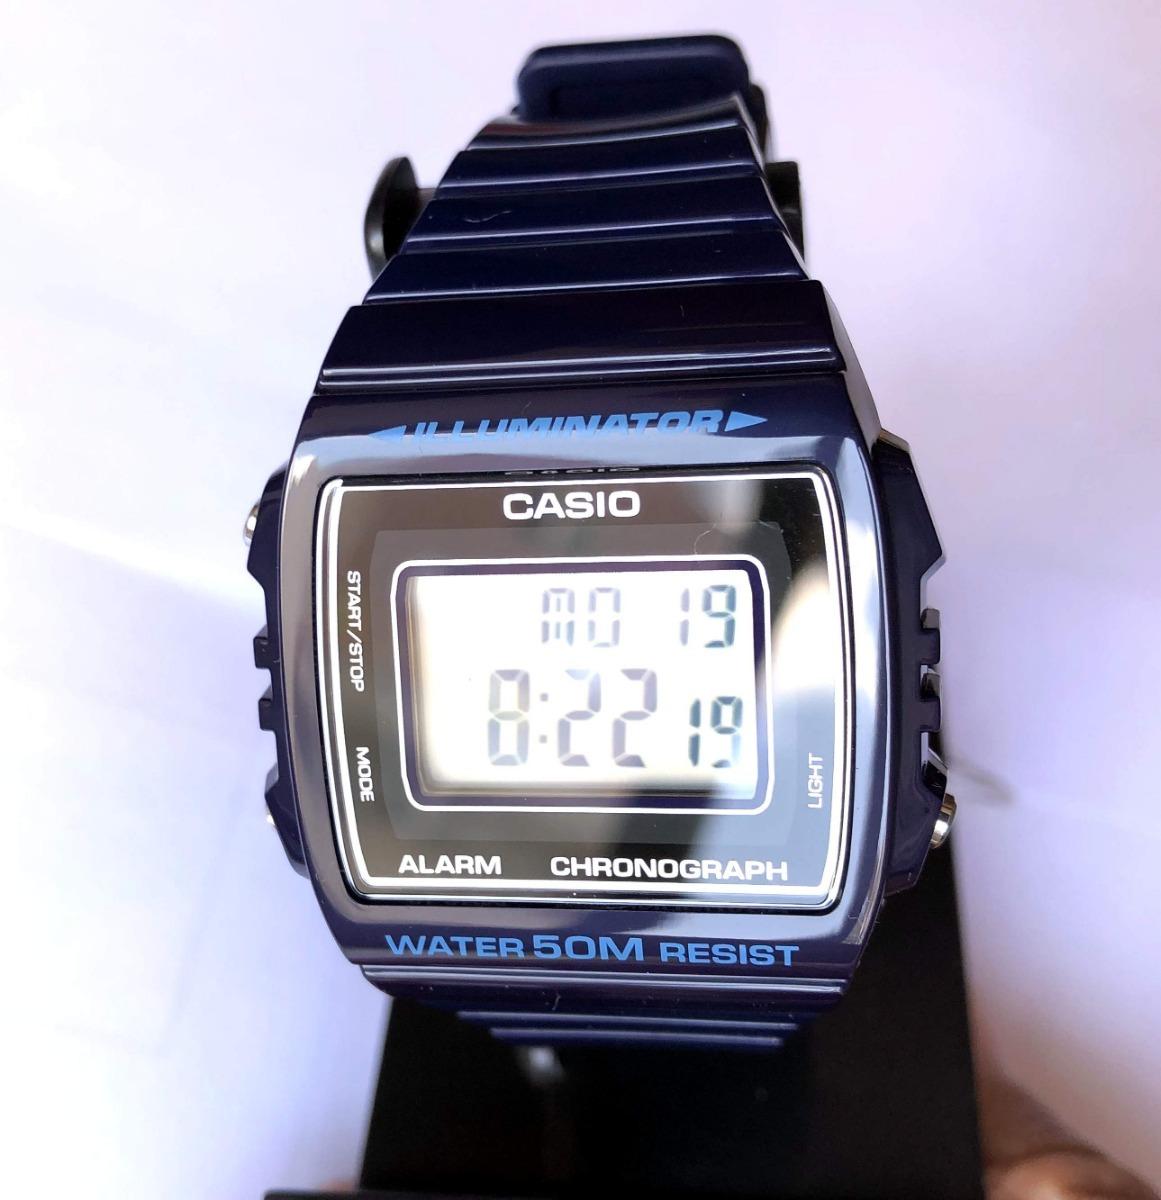 9c699cd205b relogio casio w-215-cores brilhante wr50m alarm crono luz. Carregando zoom.